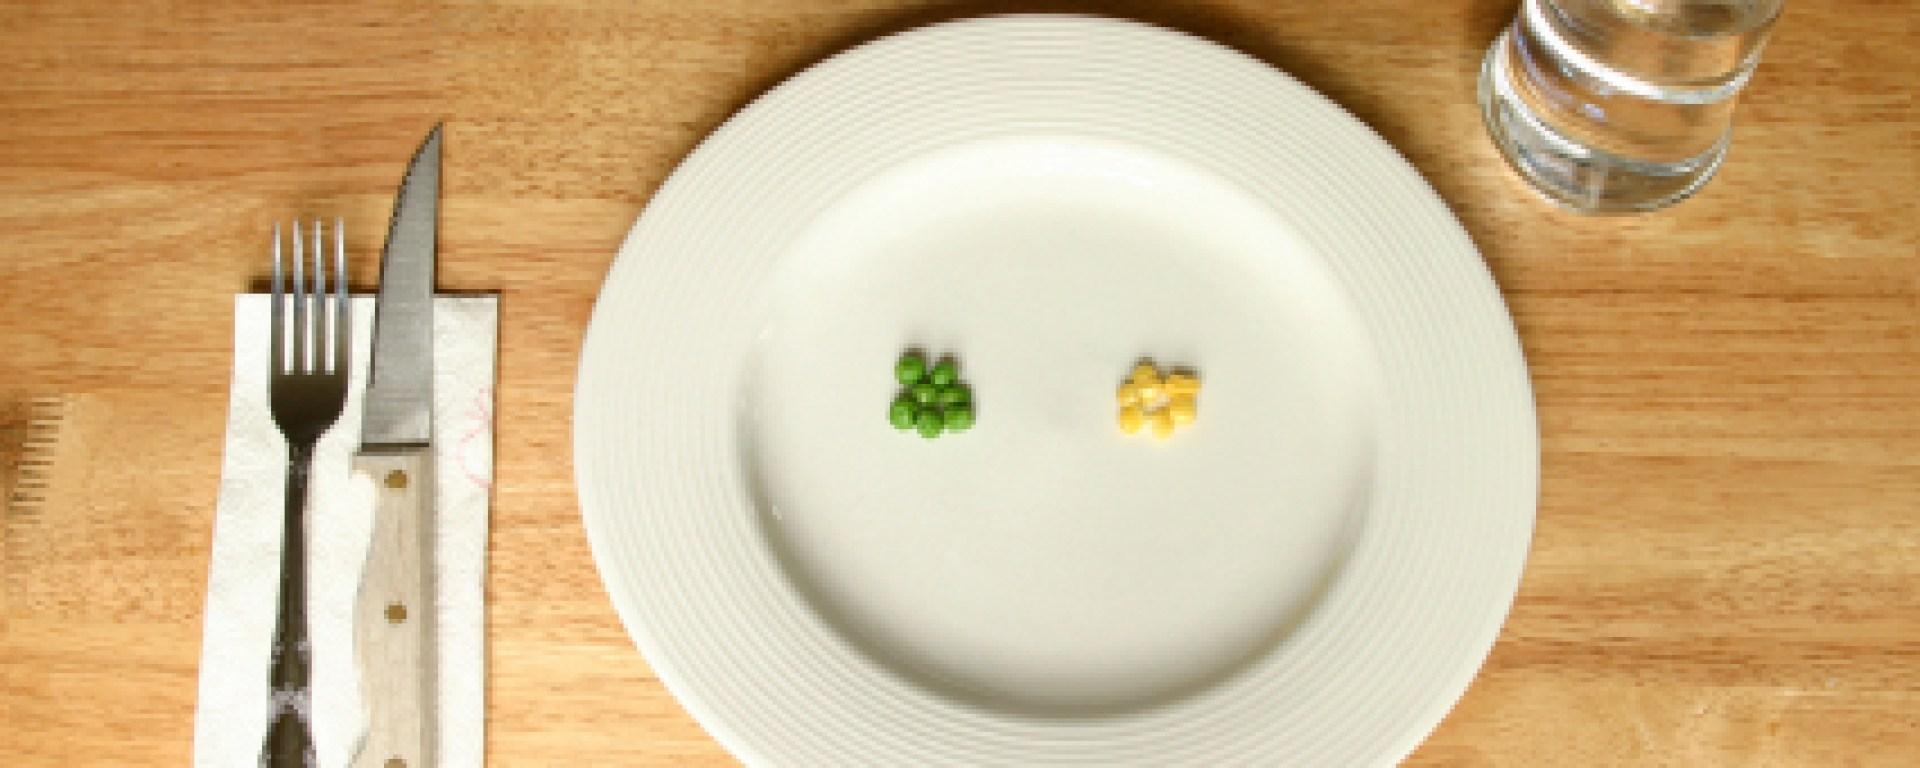 Dieta para adelgazar en una semana 5 kilos picture 9